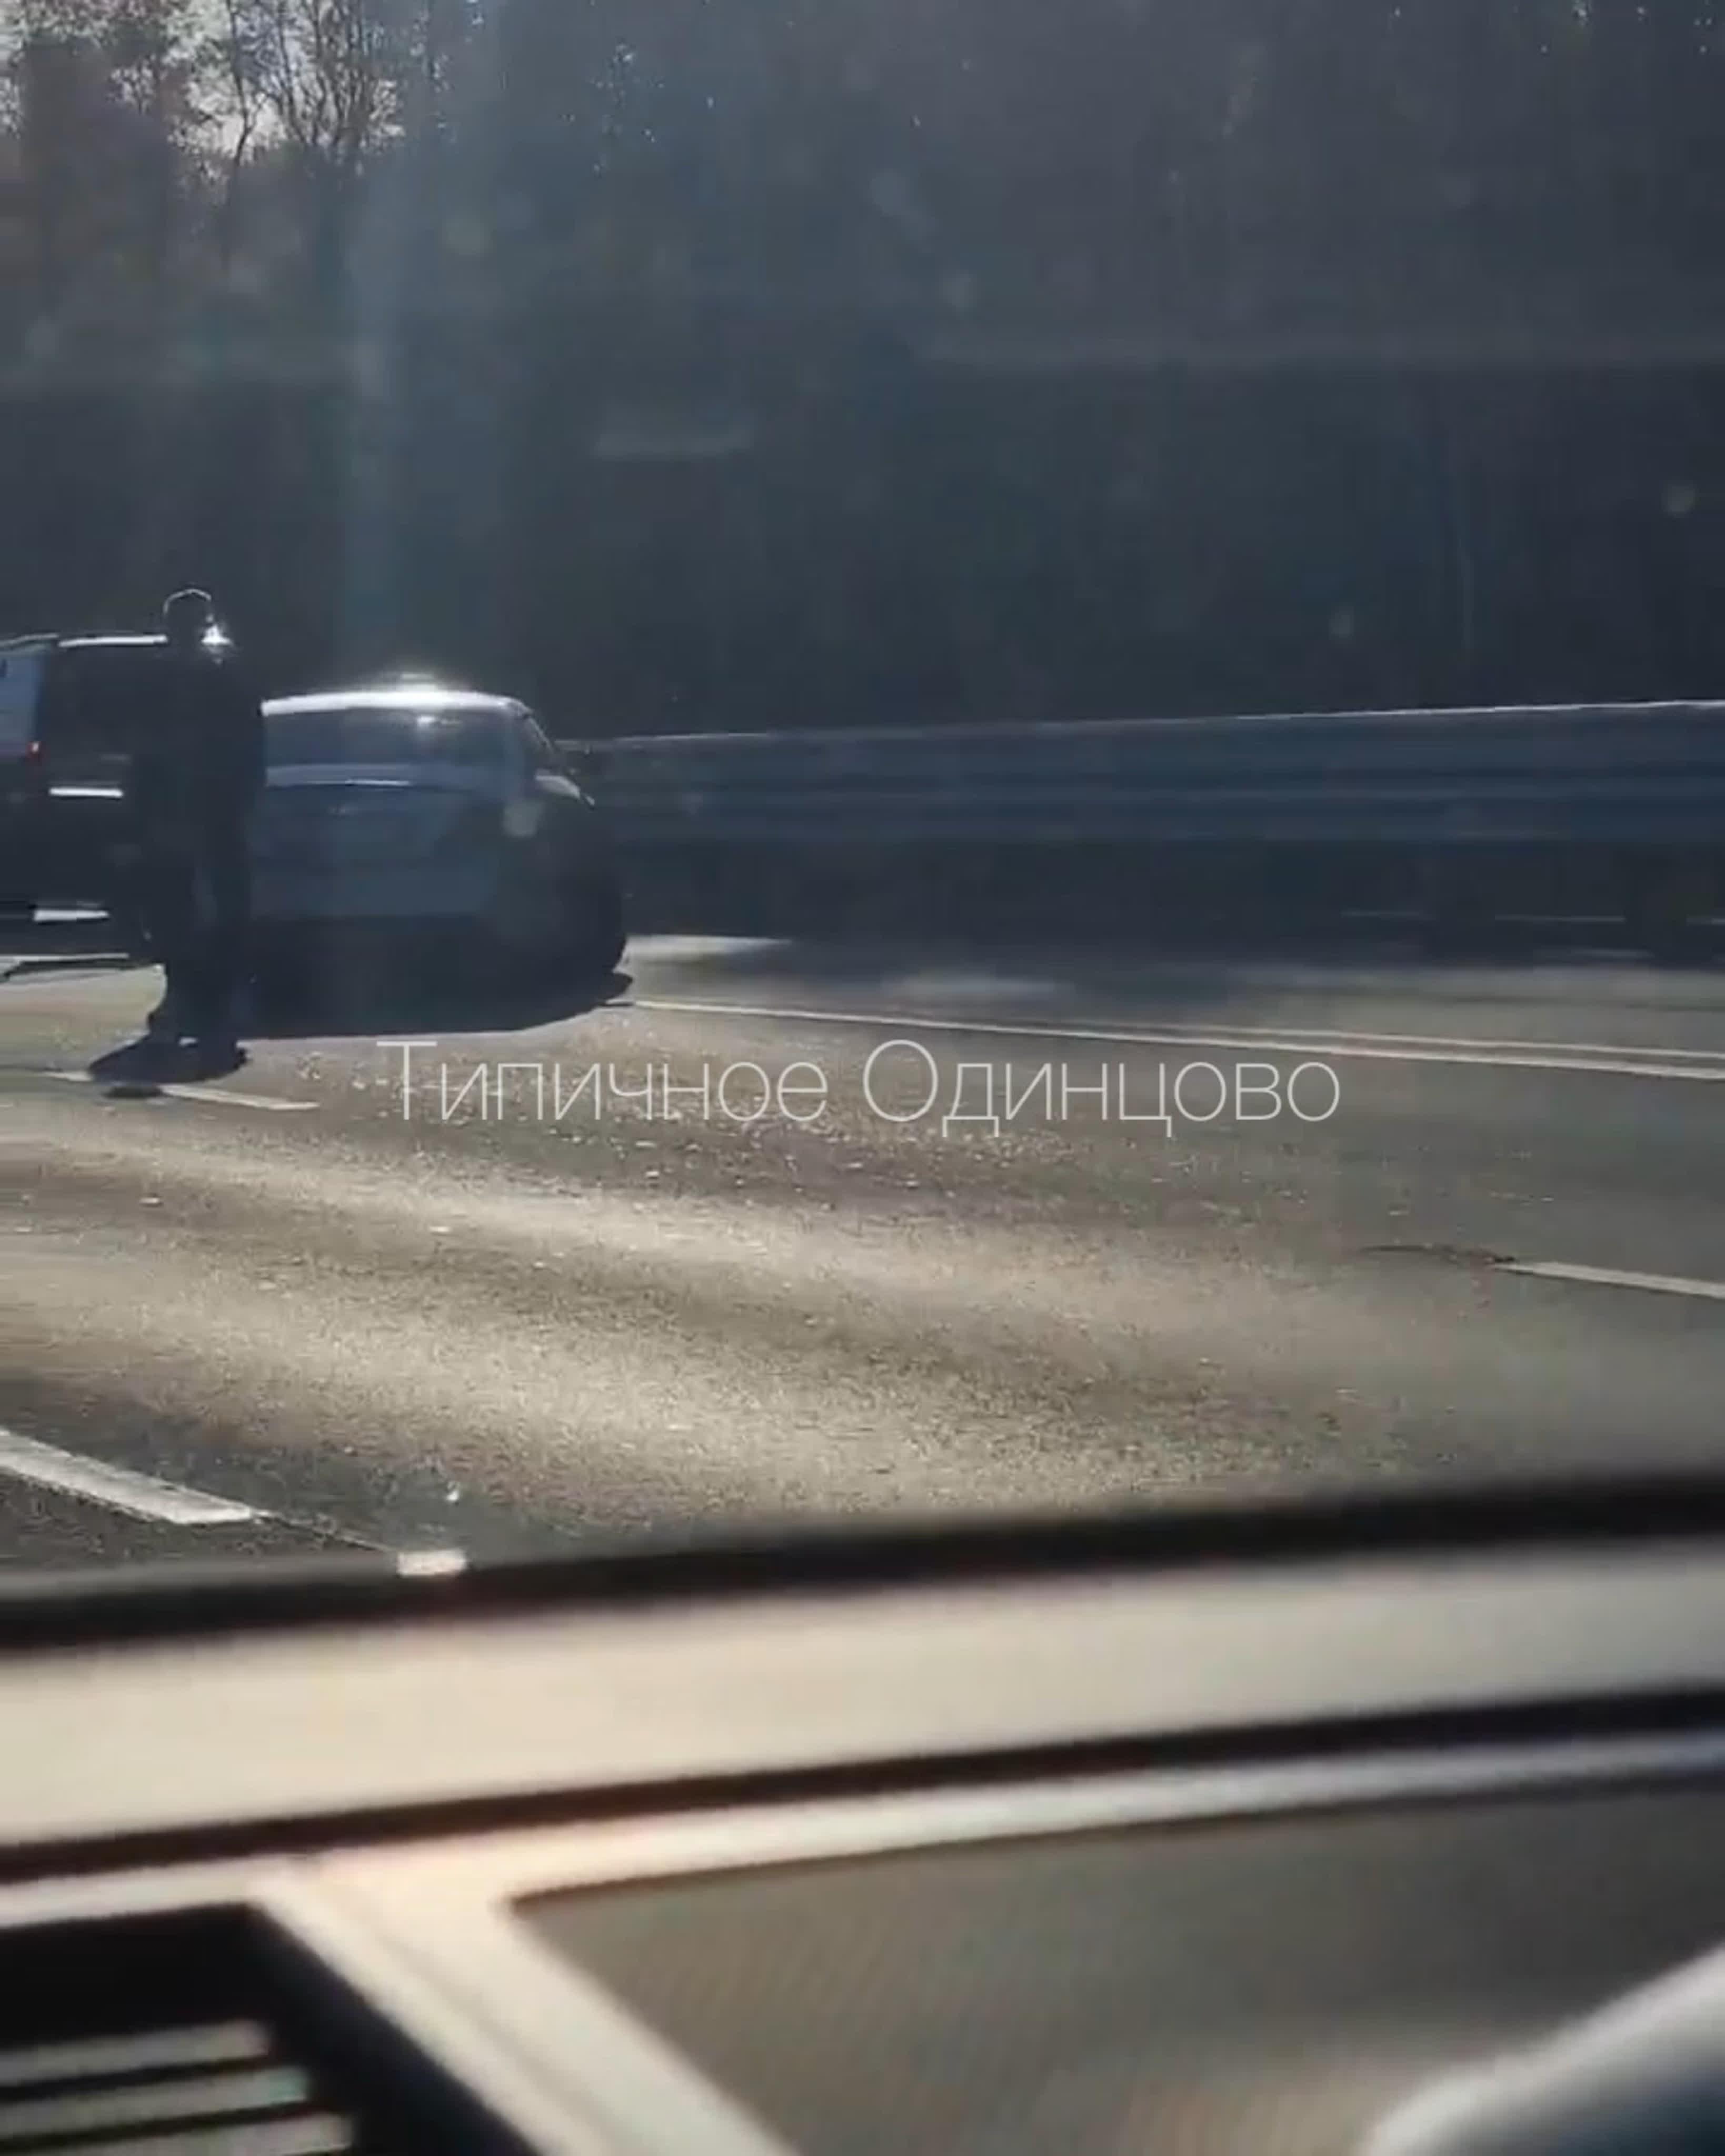 На платной трассе в Одинцово авария с участием нескольких автомобилей - внедорожник, такси и др.